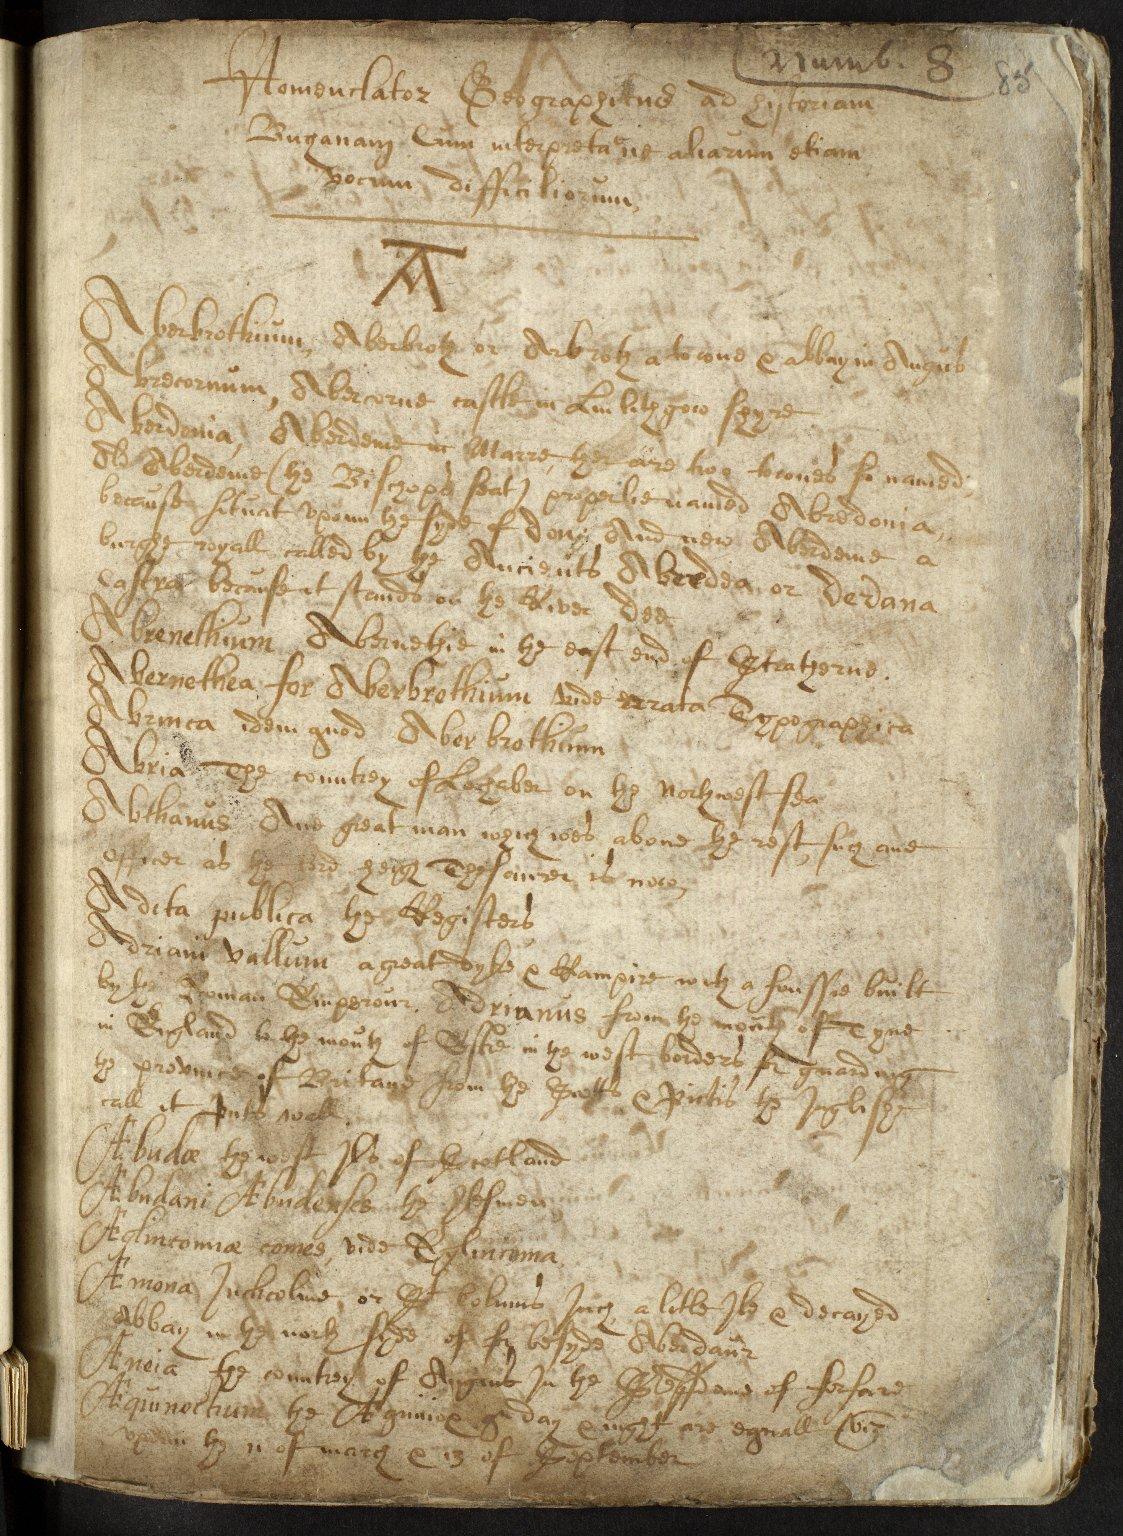 Nomenclator Geographicus ad historiam Buchanan cum interpretatione aliarum etiam vocum difficiliorum [01 of 16]